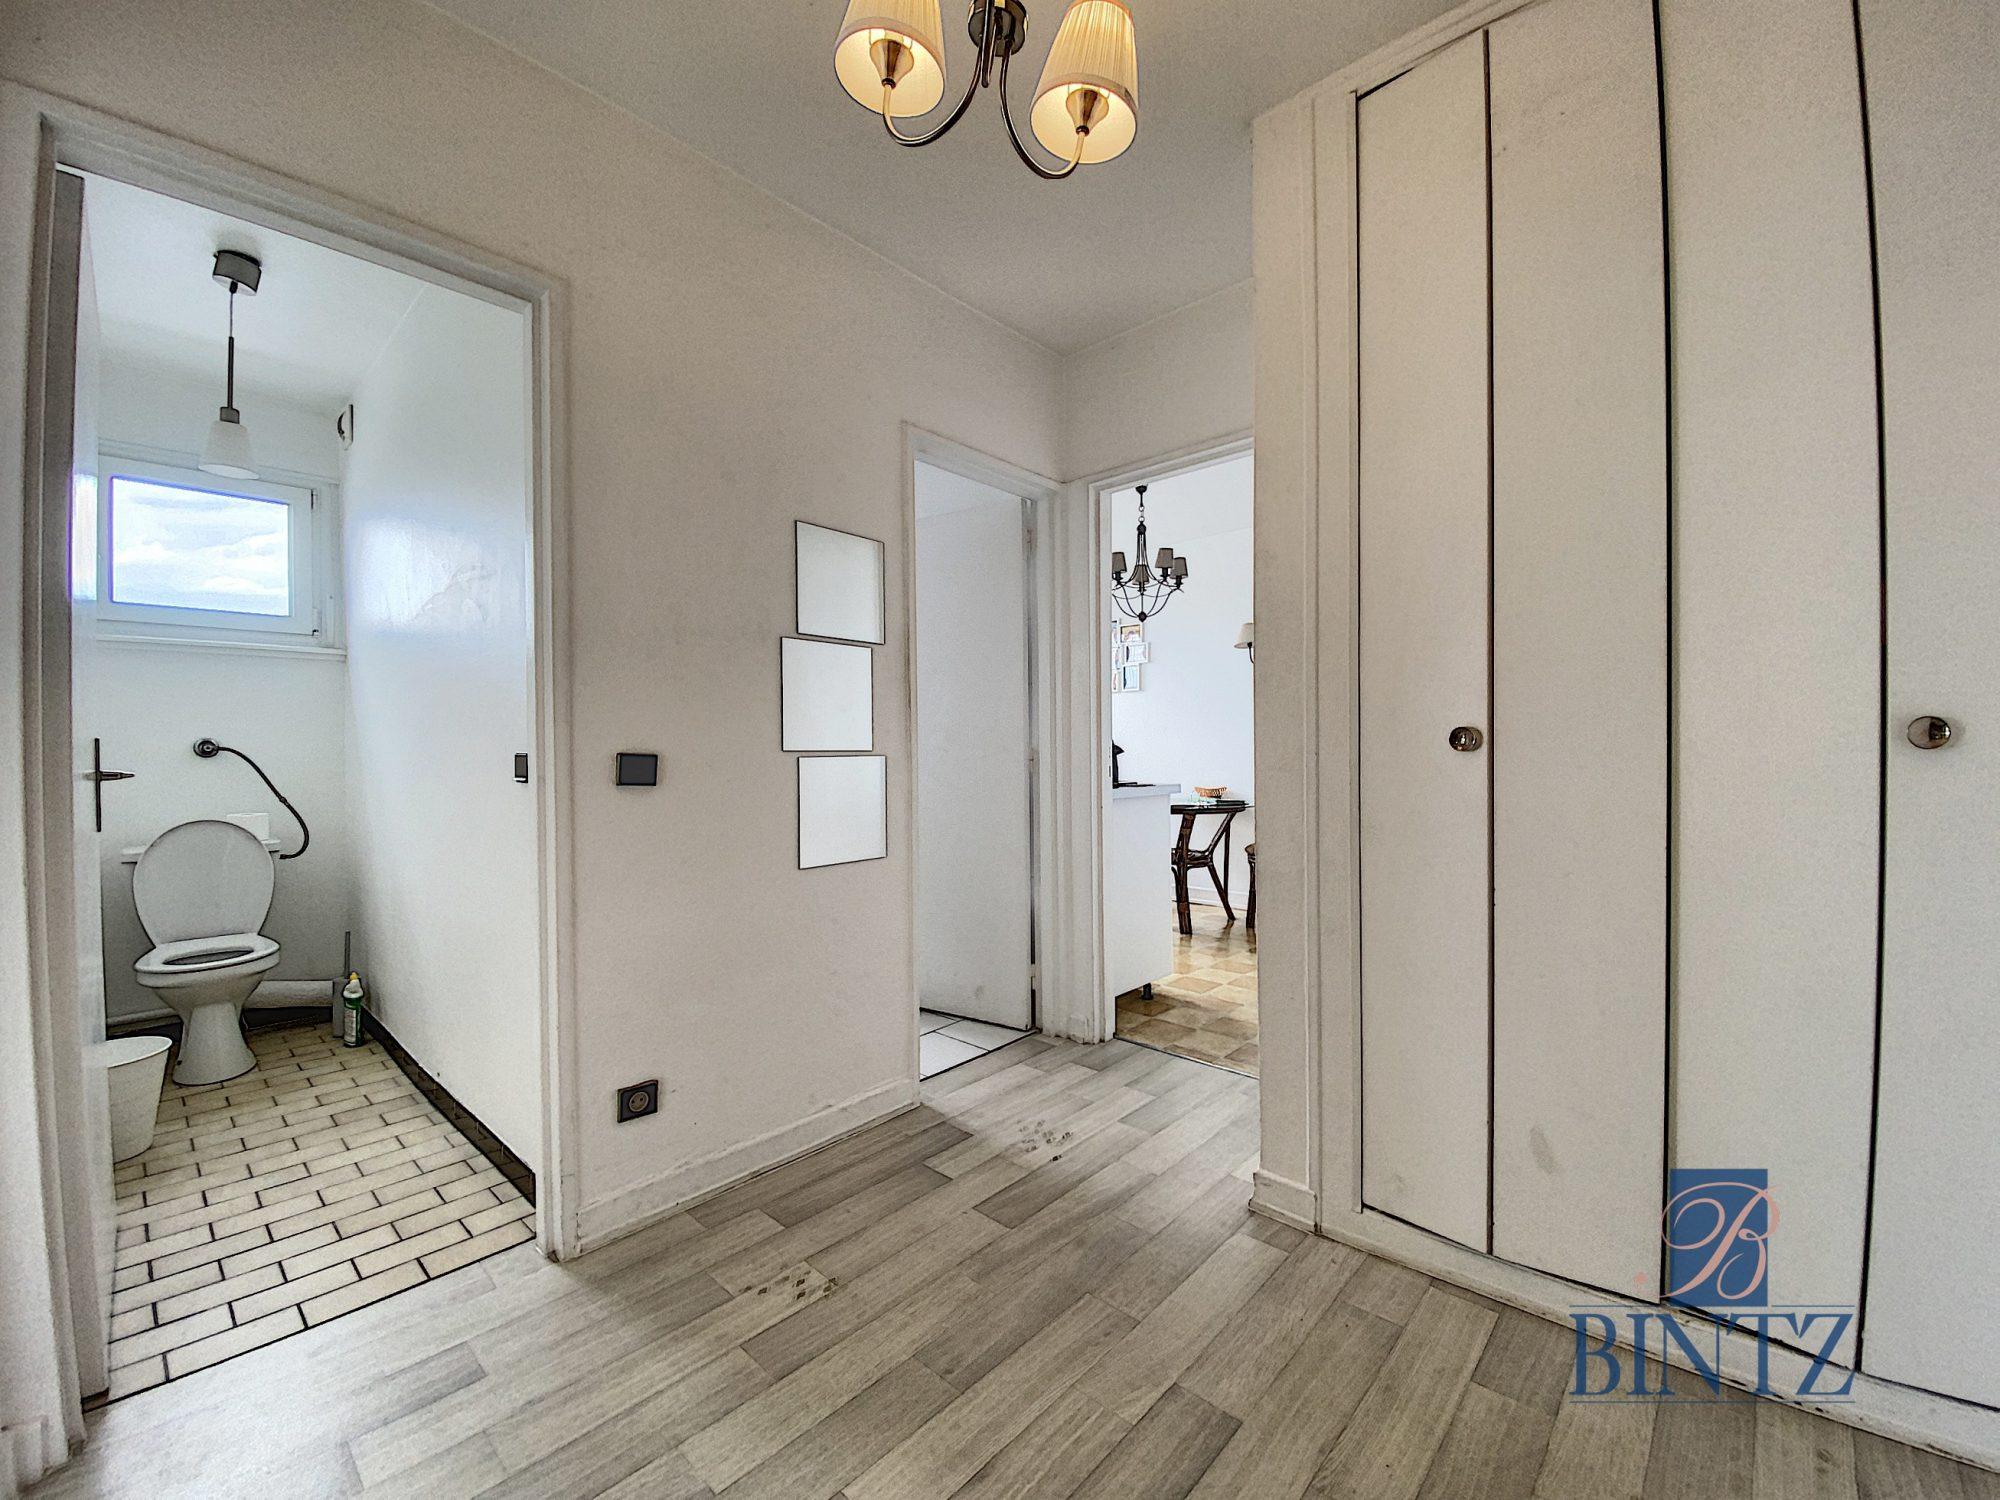 GRAND T1 AVEC TERRASSE QUARTIER GARE - Devenez locataire en toute sérénité - Bintz Immobilier - 4